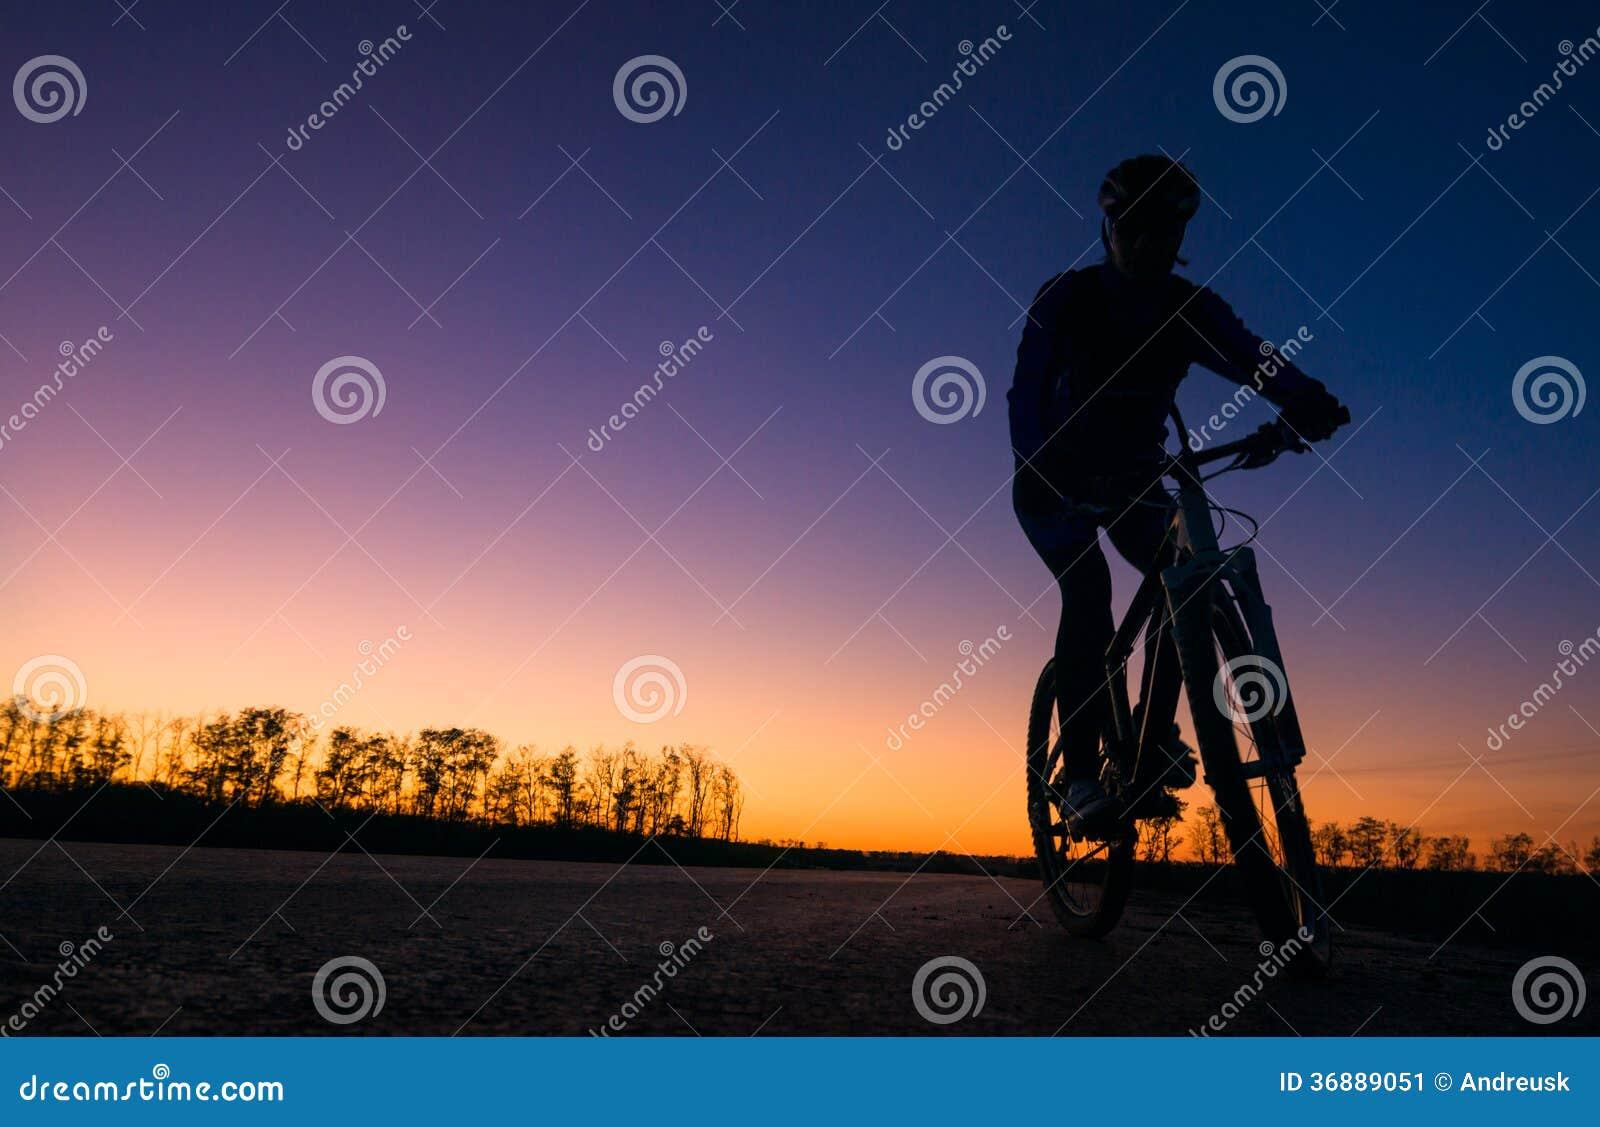 Download Siluetta del motociclista immagine stock. Immagine di svago - 36889051